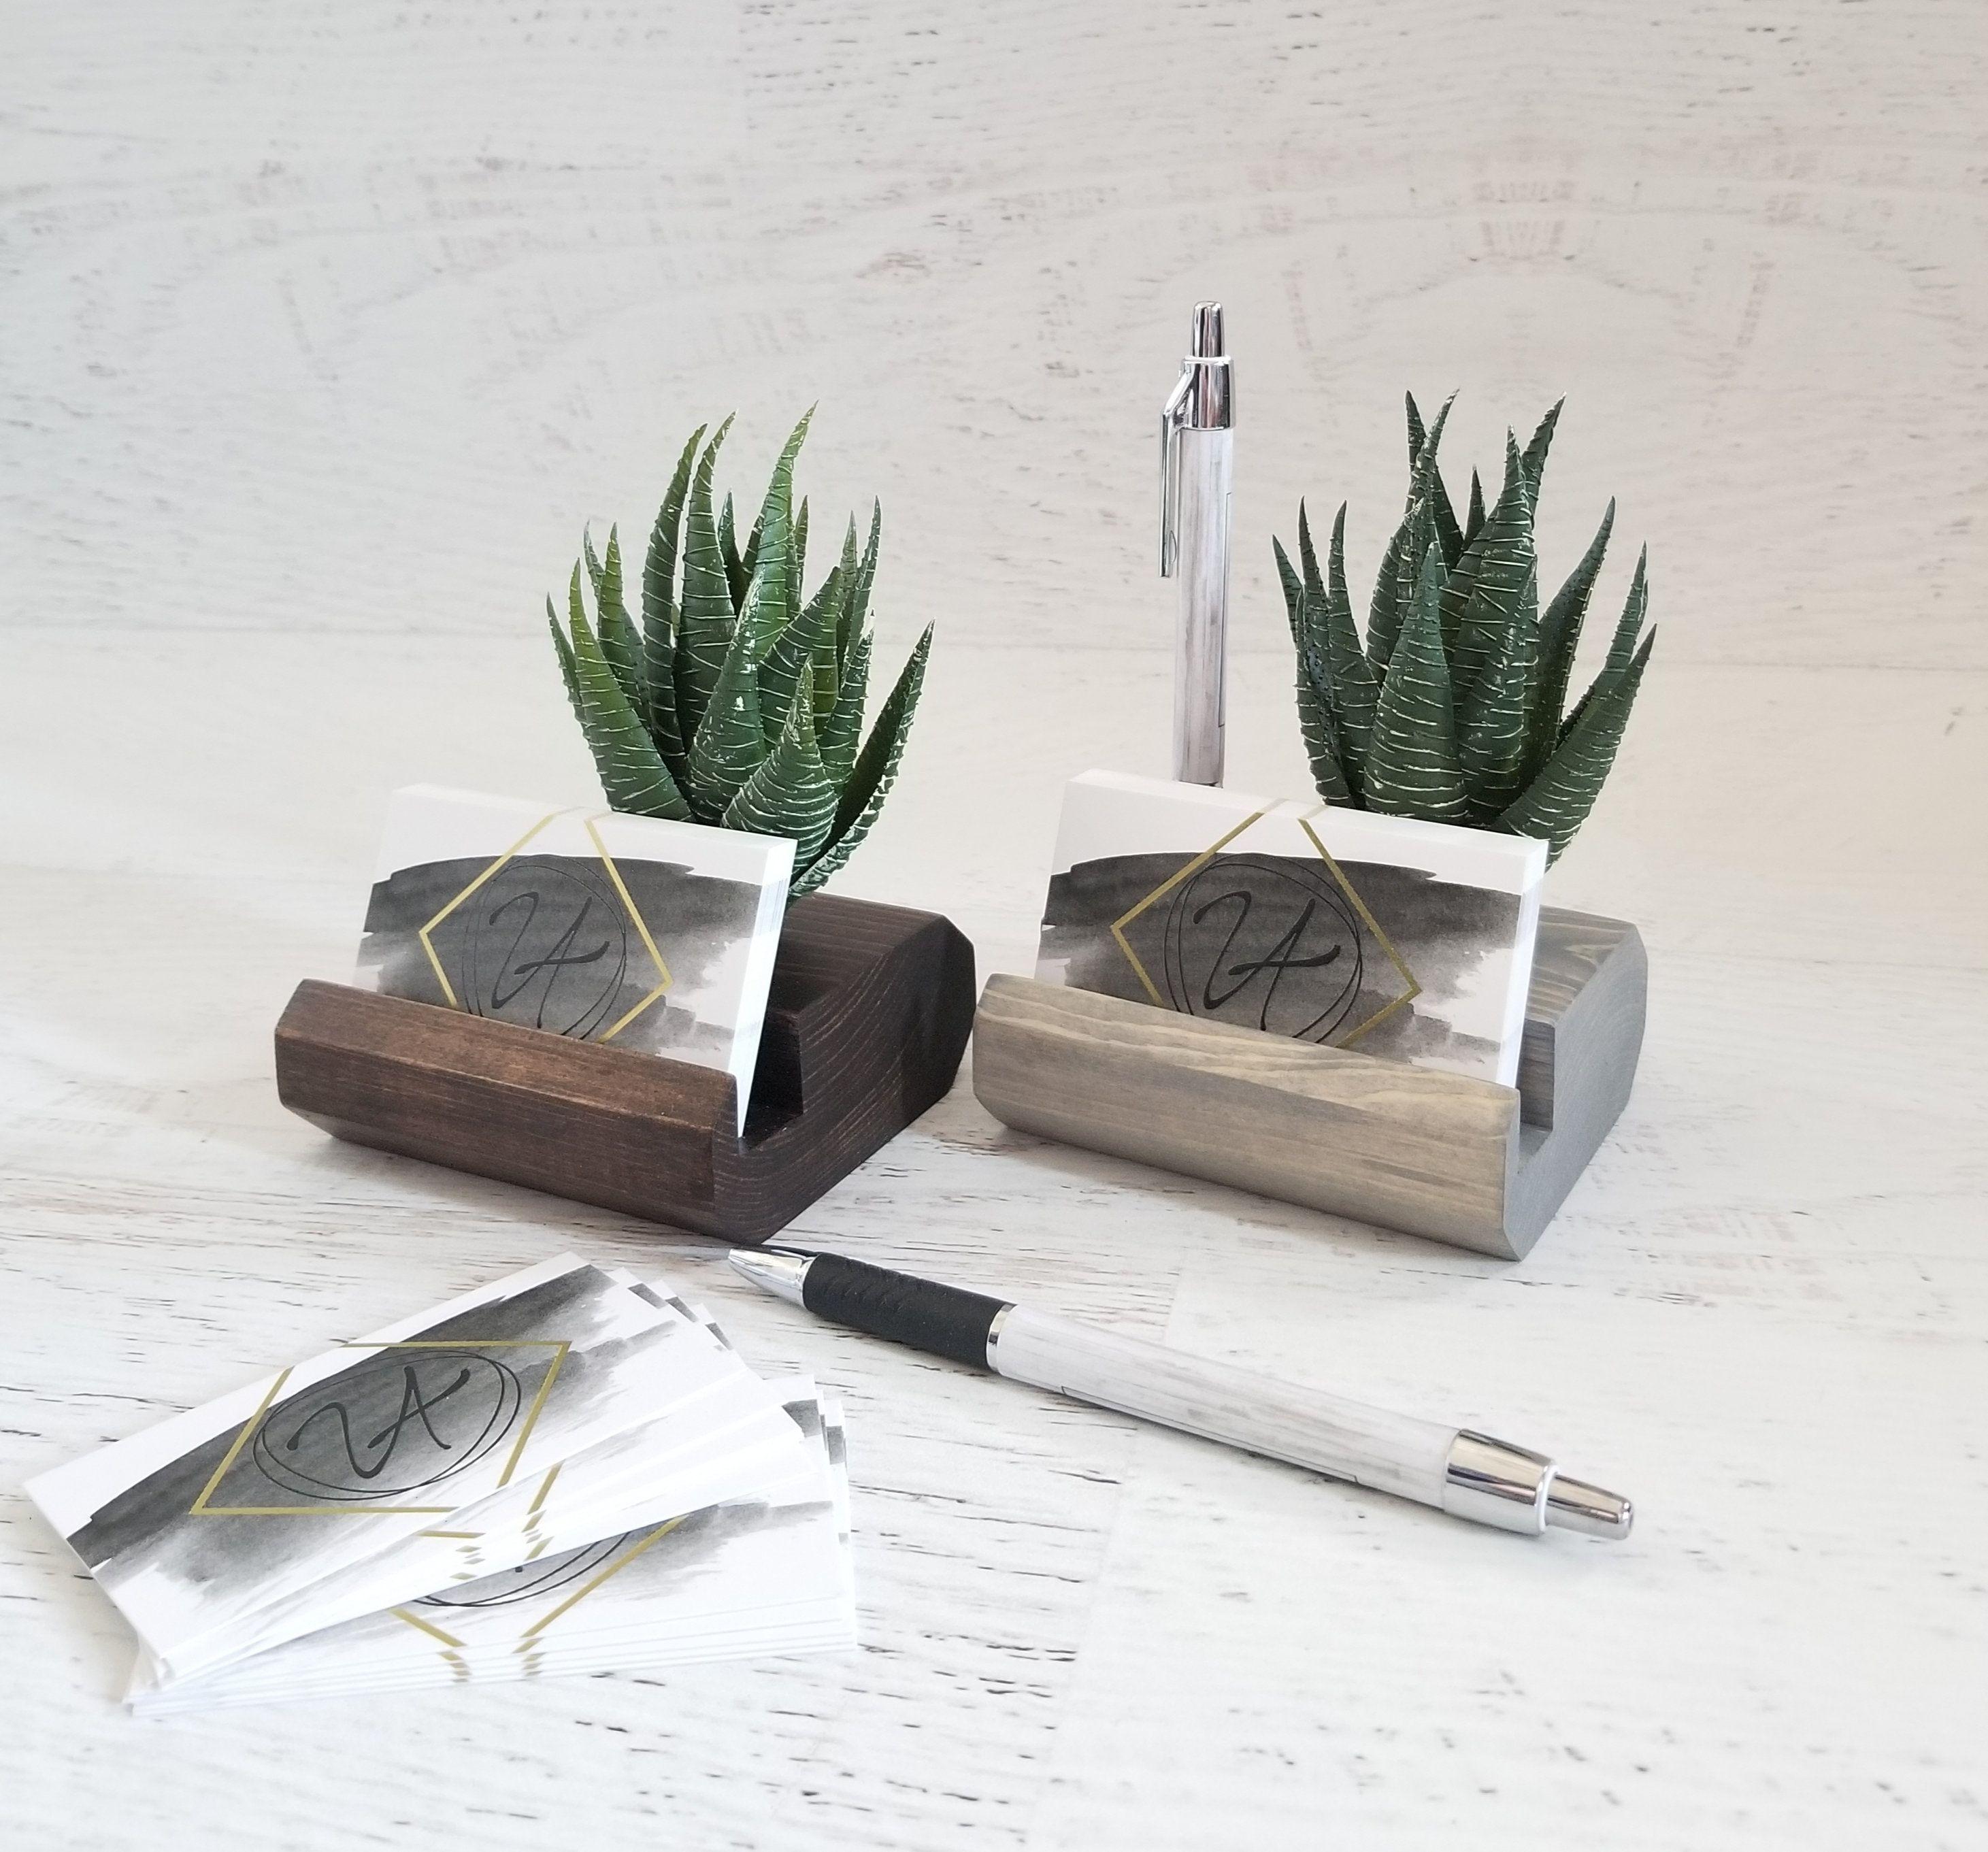 Wood Pen And Business Card Holder Desk Accessories Desk Etsy Card Holder Desk Business Card Holders Wood Pens